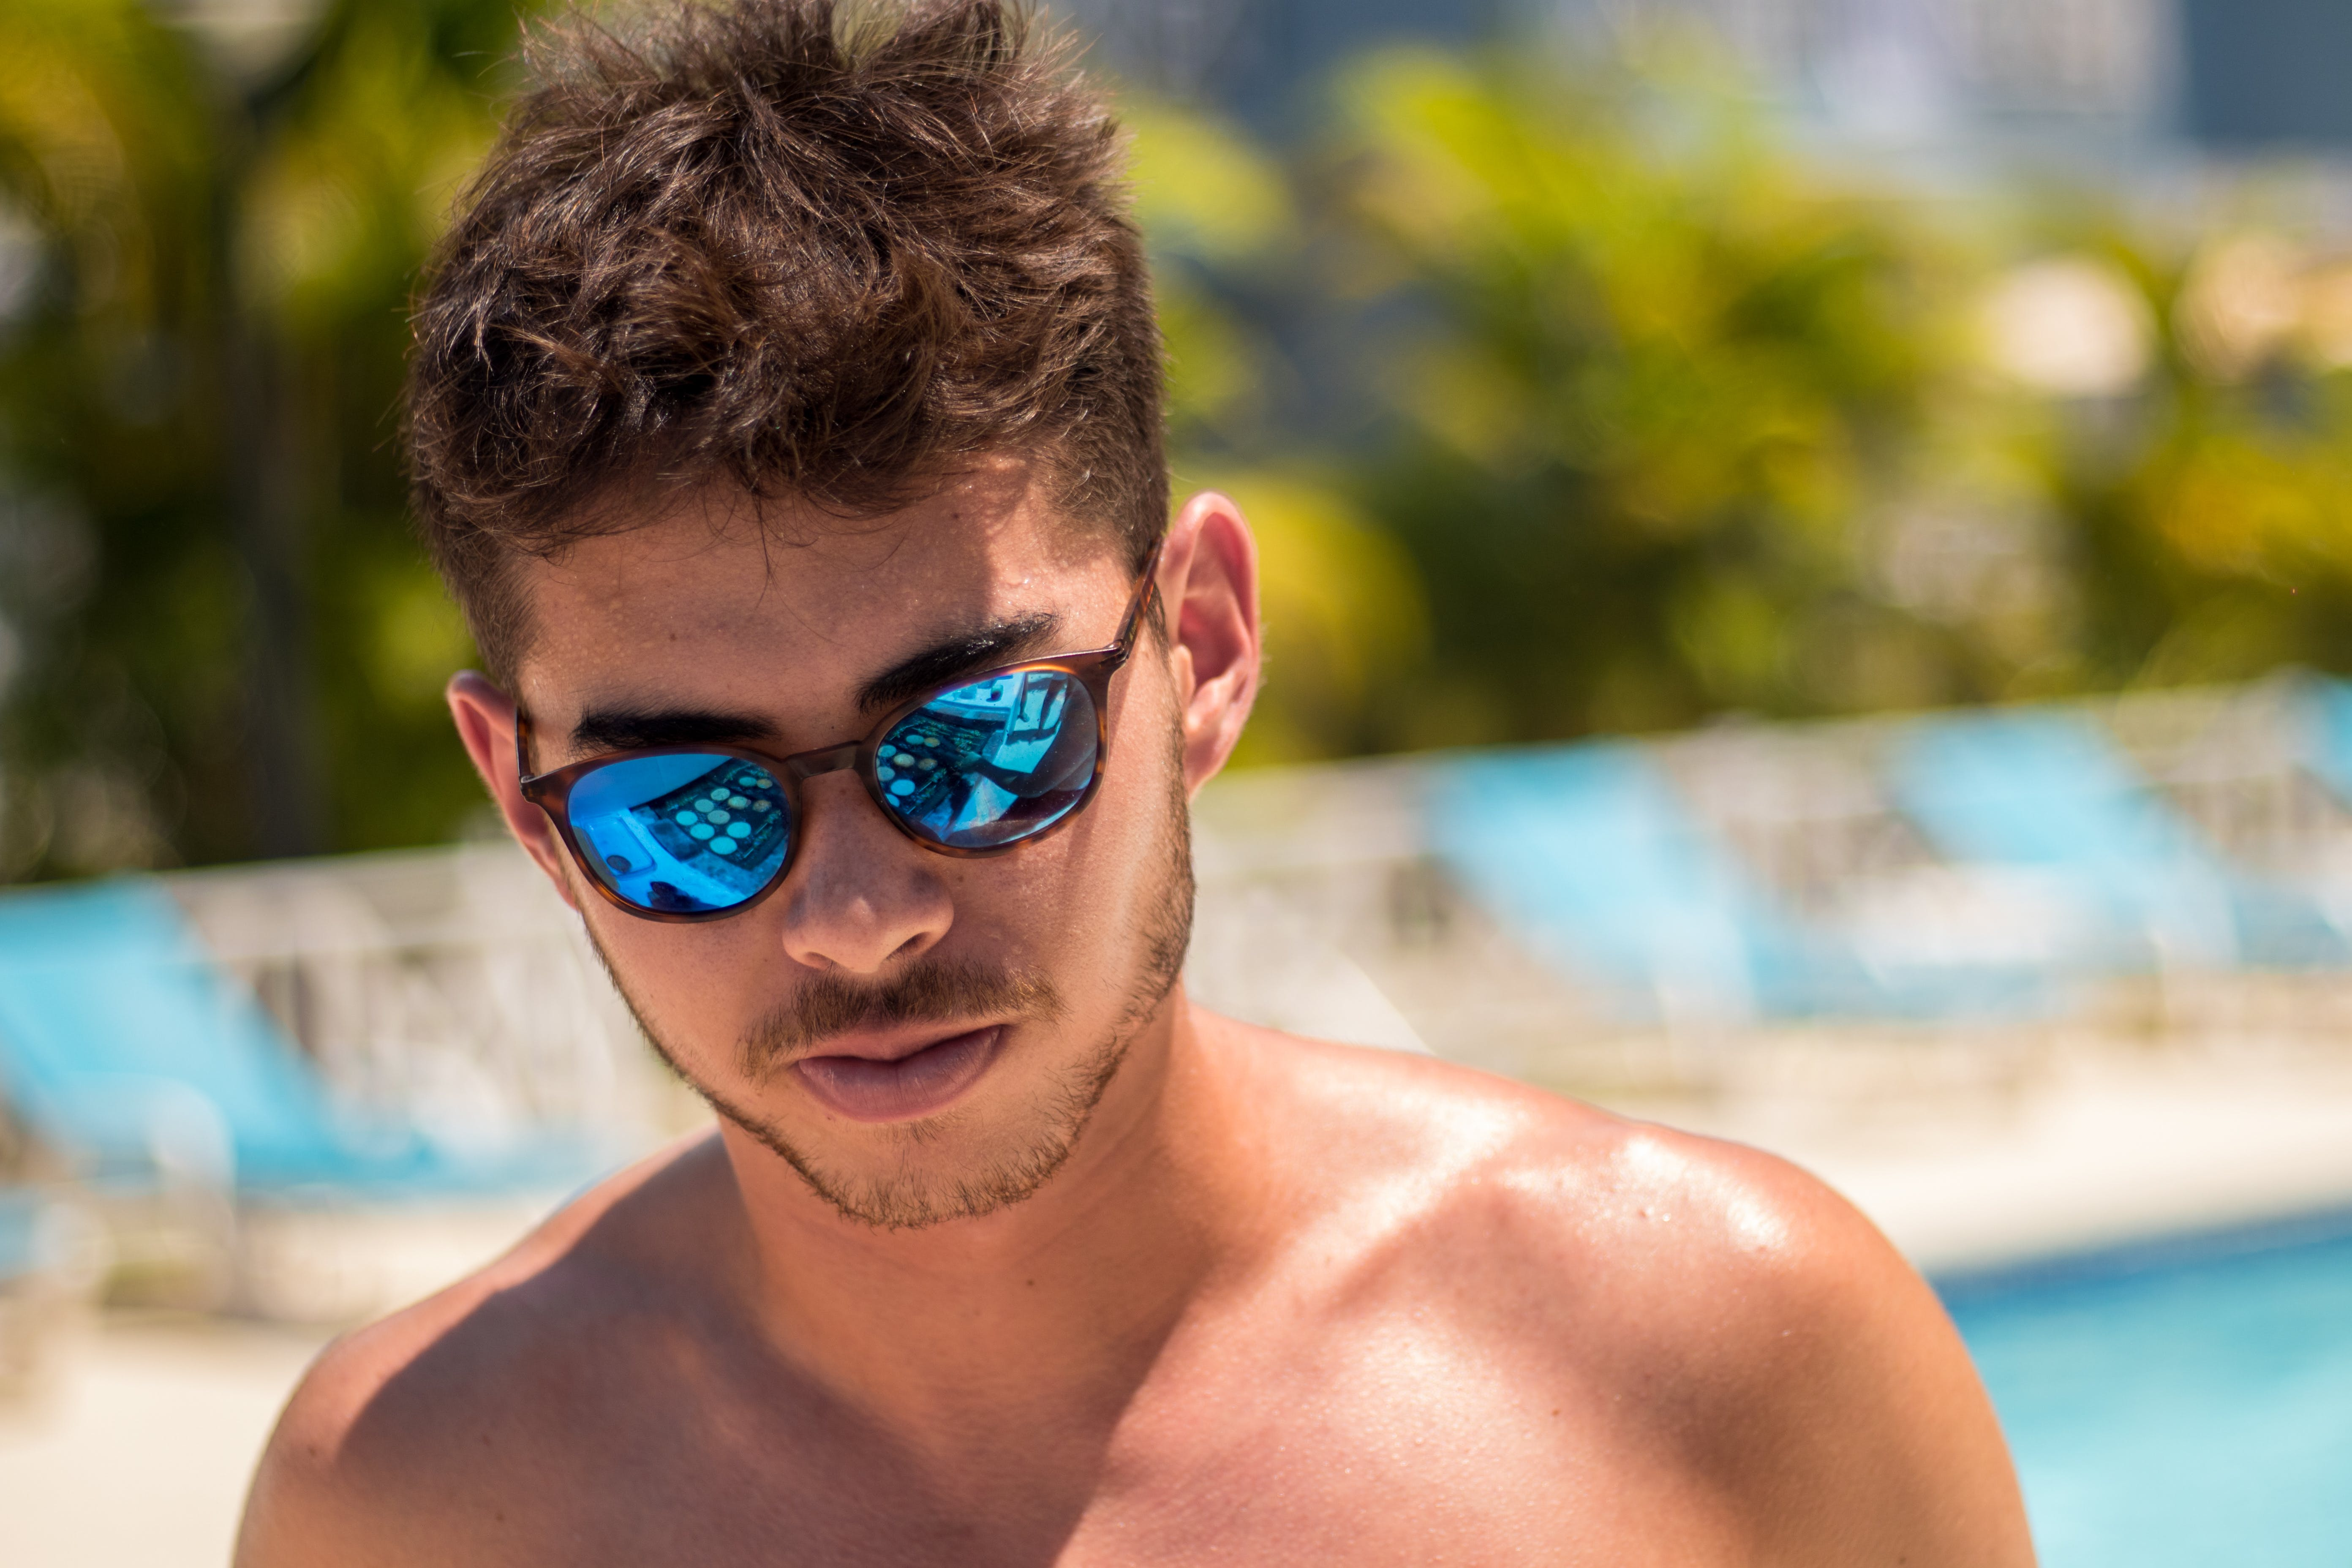 Fotos de stock gratuitas de gafas, Gafas de sol, hombre, persona